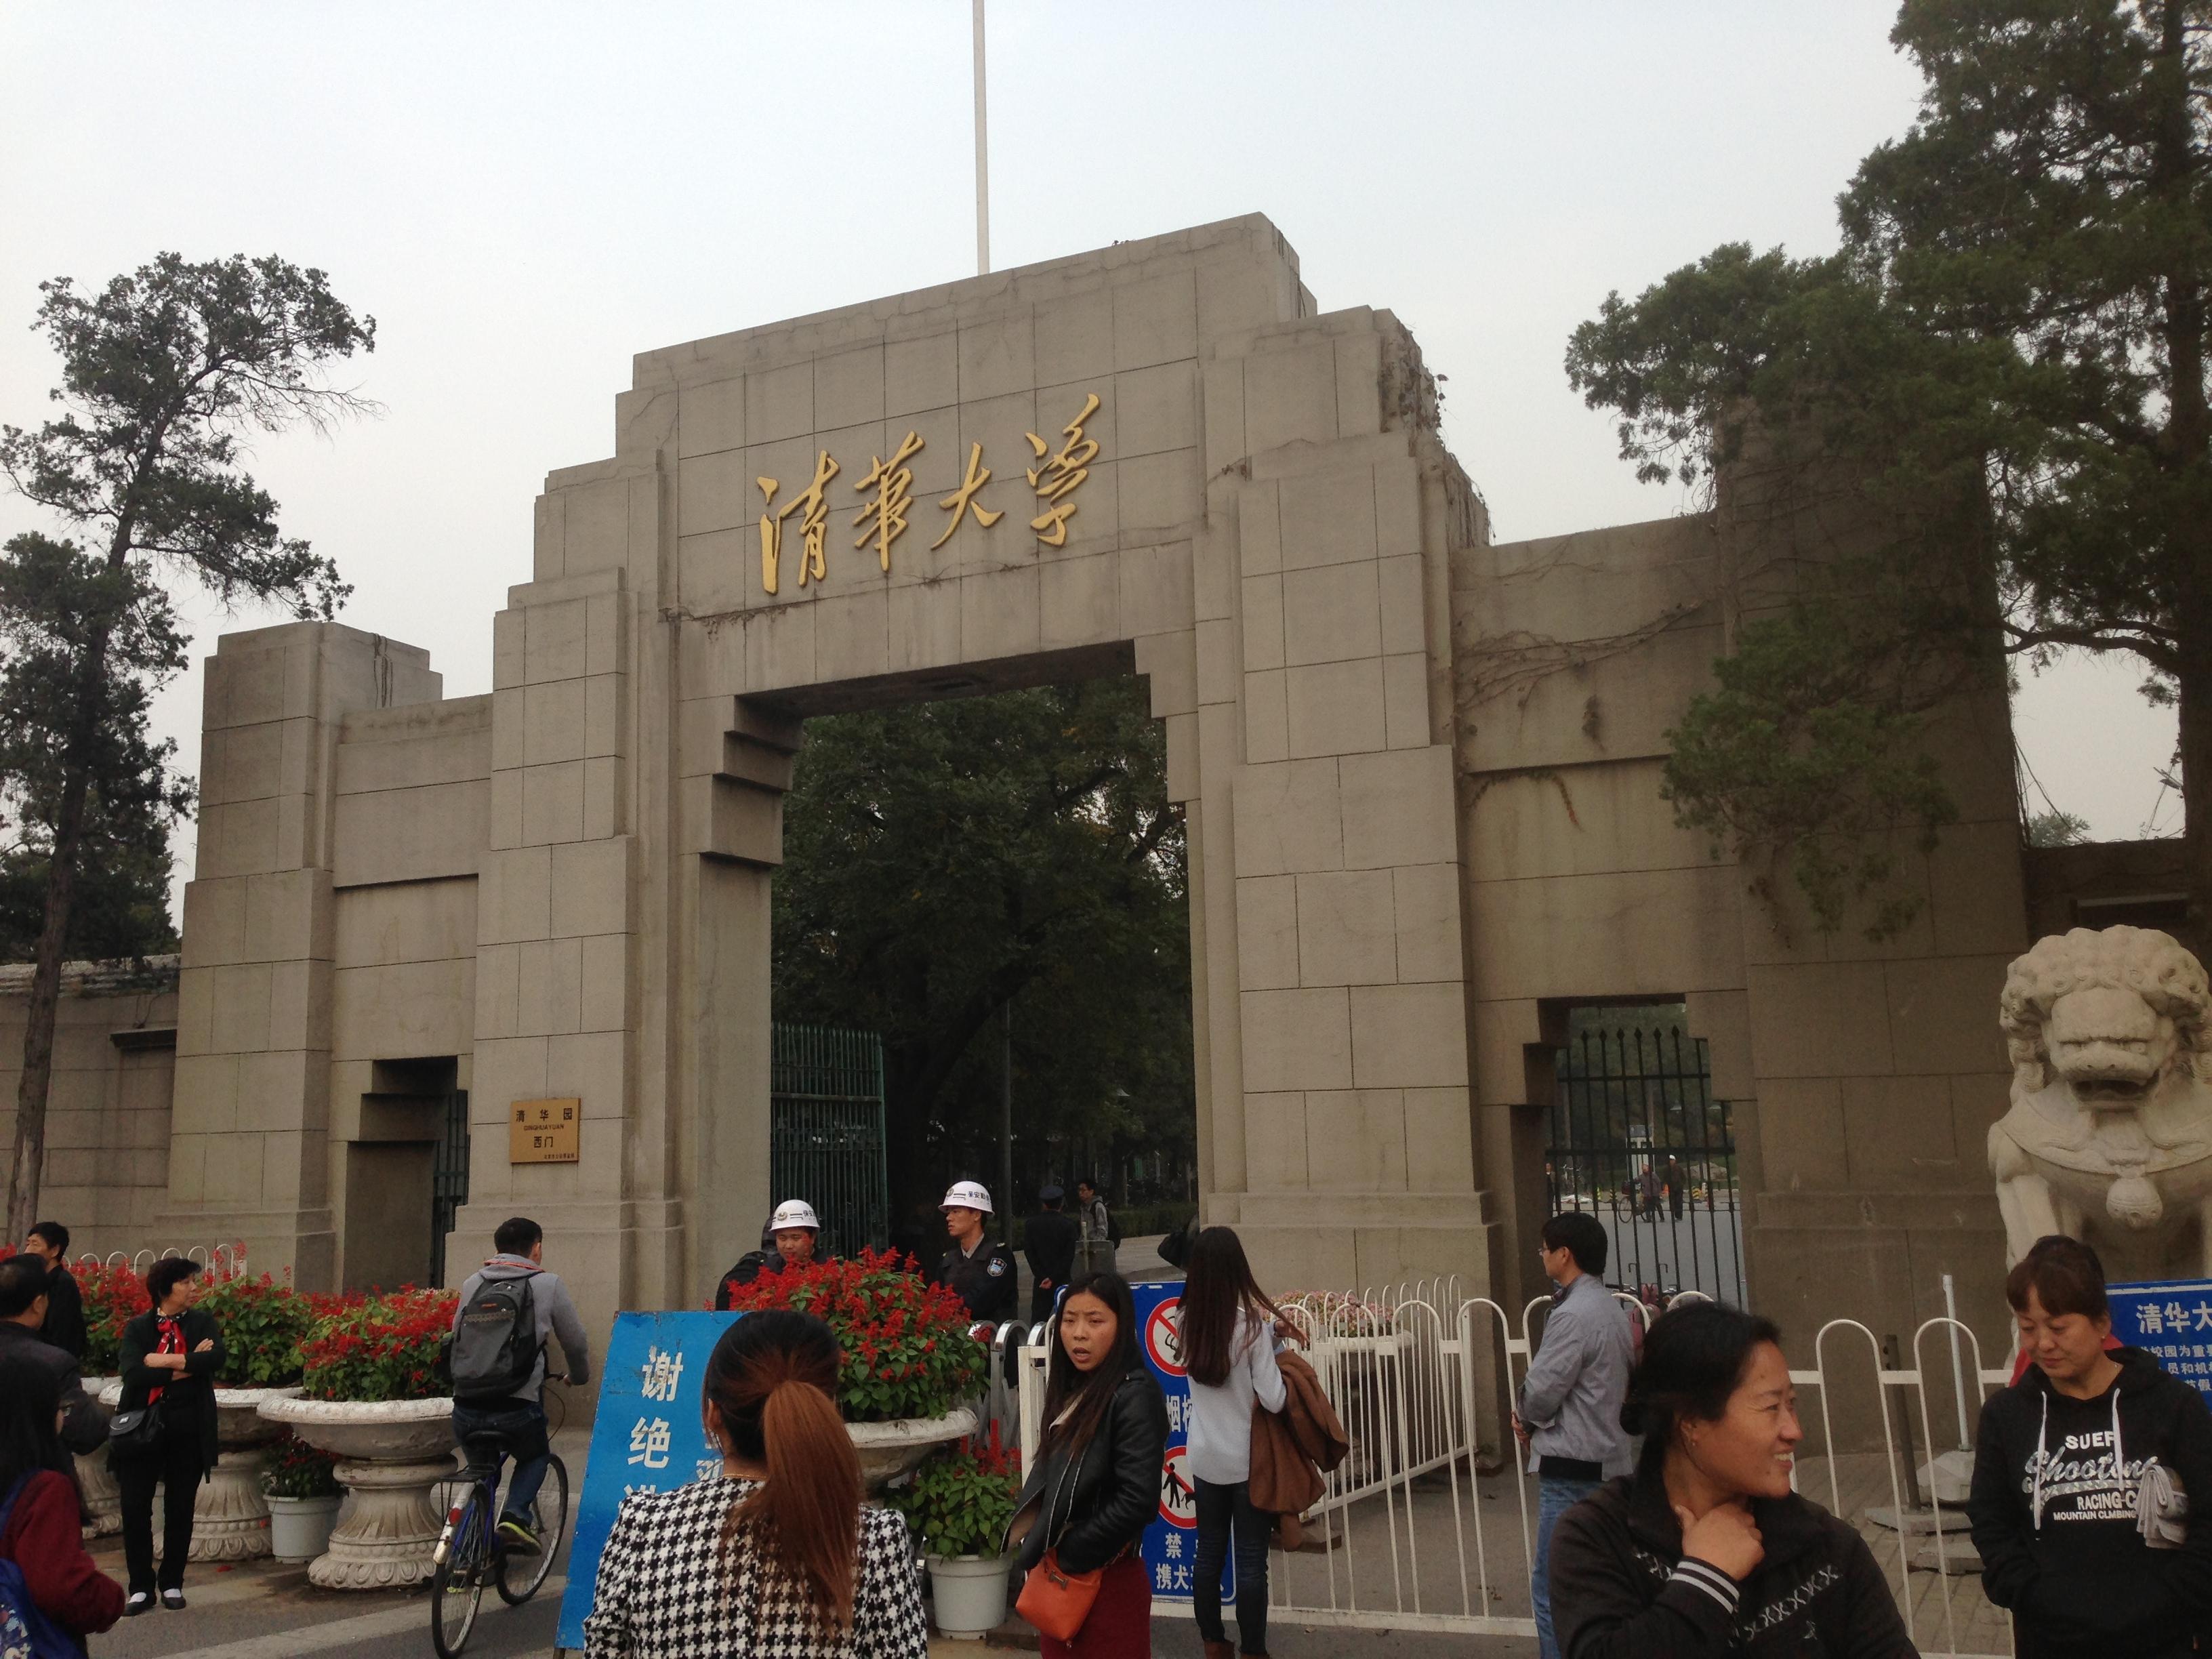 清华大学西北门离西门远吗图片